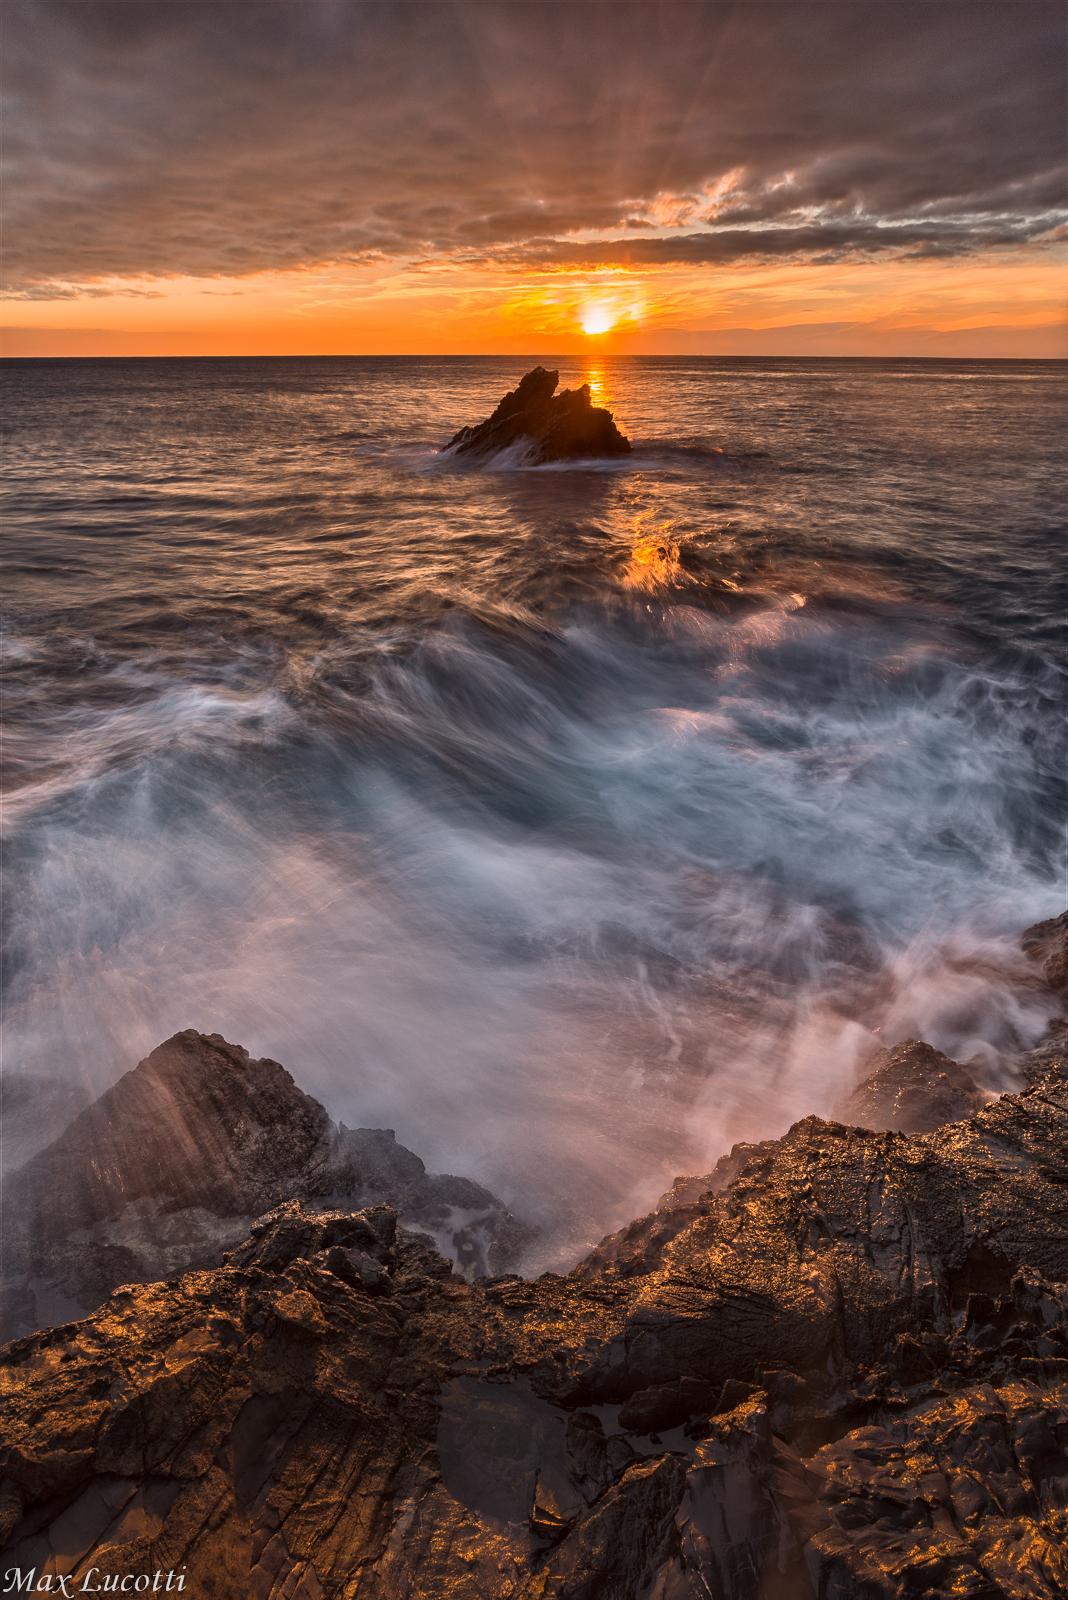 Il solito tramonto sul mare...